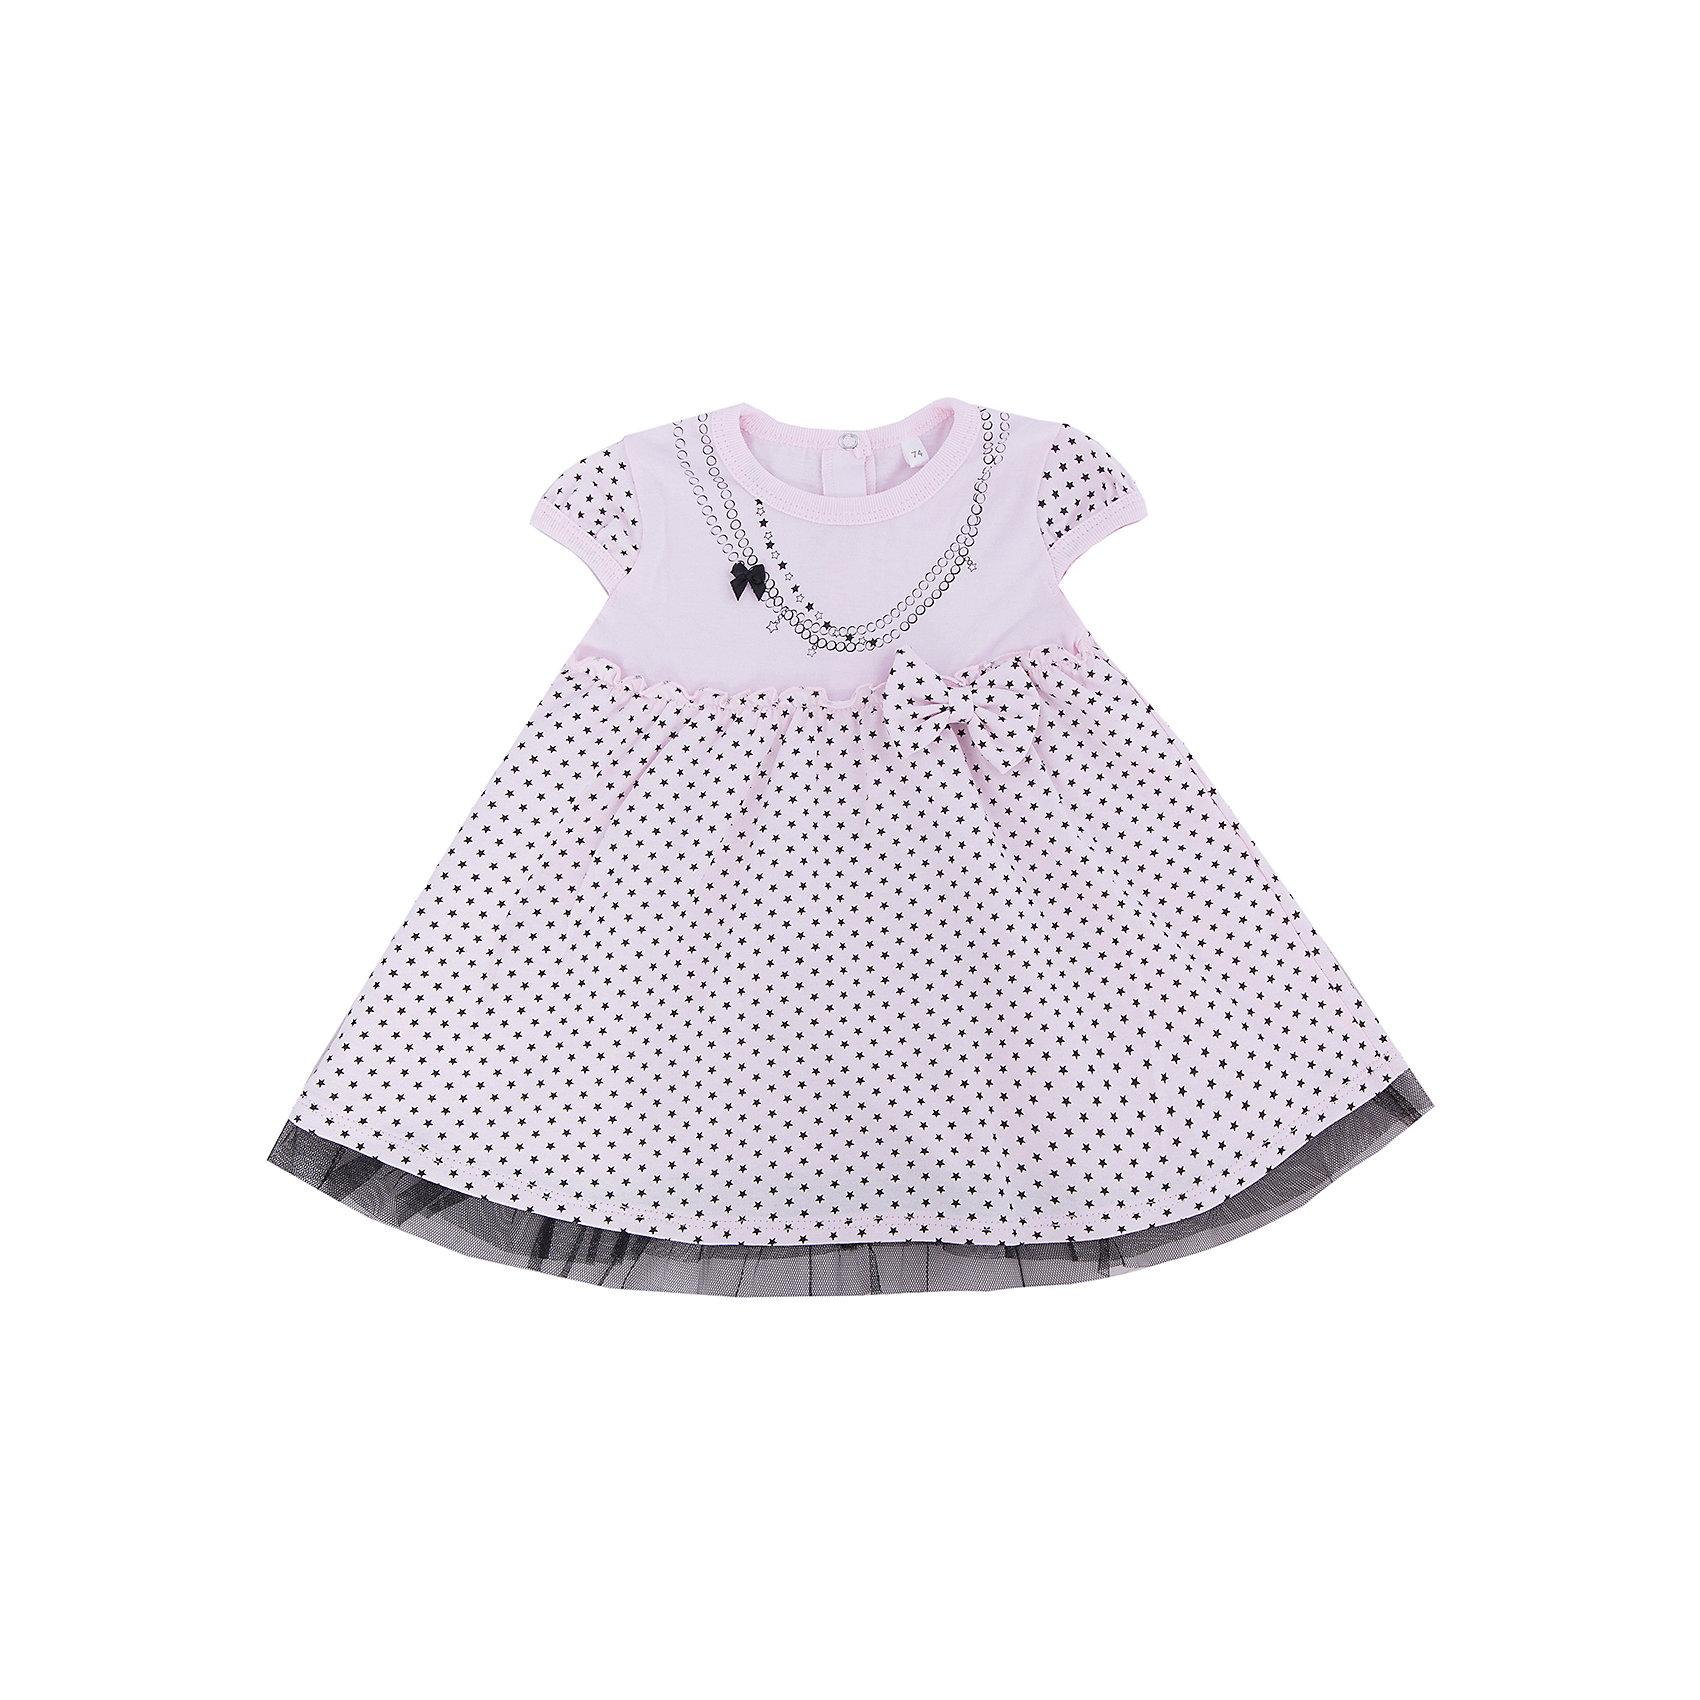 Платье для девочки Soni KidsПлатье для девочки от популярной марки Soni Kids <br> <br>Красивое нежное платье сшито из мягкого дышащего хлопка. Это гипоаллергенный материал, который отлично подходит для детской одежды. Правильный крой обеспечит ребенку удобство, не будет натирать и стеснять движения. <br> <br>Особенности модели: <br> <br>- цвет - белый; <br>- материал - натуральный хлопок; <br>- имитация бус; <br>- крылья на рукавах; <br>- пышный подол; <br>- модель декорирована бантиками; <br>- застежки - кнопки на спине. <br> <br>Дополнительная информация: <br> <br>Состав: 100% хлопок <br> <br>Платье для девочки от популярной марки Soni Kids (Сони Кидс) можно купить в нашем магазине.<br><br>Ширина мм: 157<br>Глубина мм: 13<br>Высота мм: 119<br>Вес г: 200<br>Цвет: розовый<br>Возраст от месяцев: 18<br>Возраст до месяцев: 24<br>Пол: Женский<br>Возраст: Детский<br>Размер: 92,80,74,86<br>SKU: 4545074